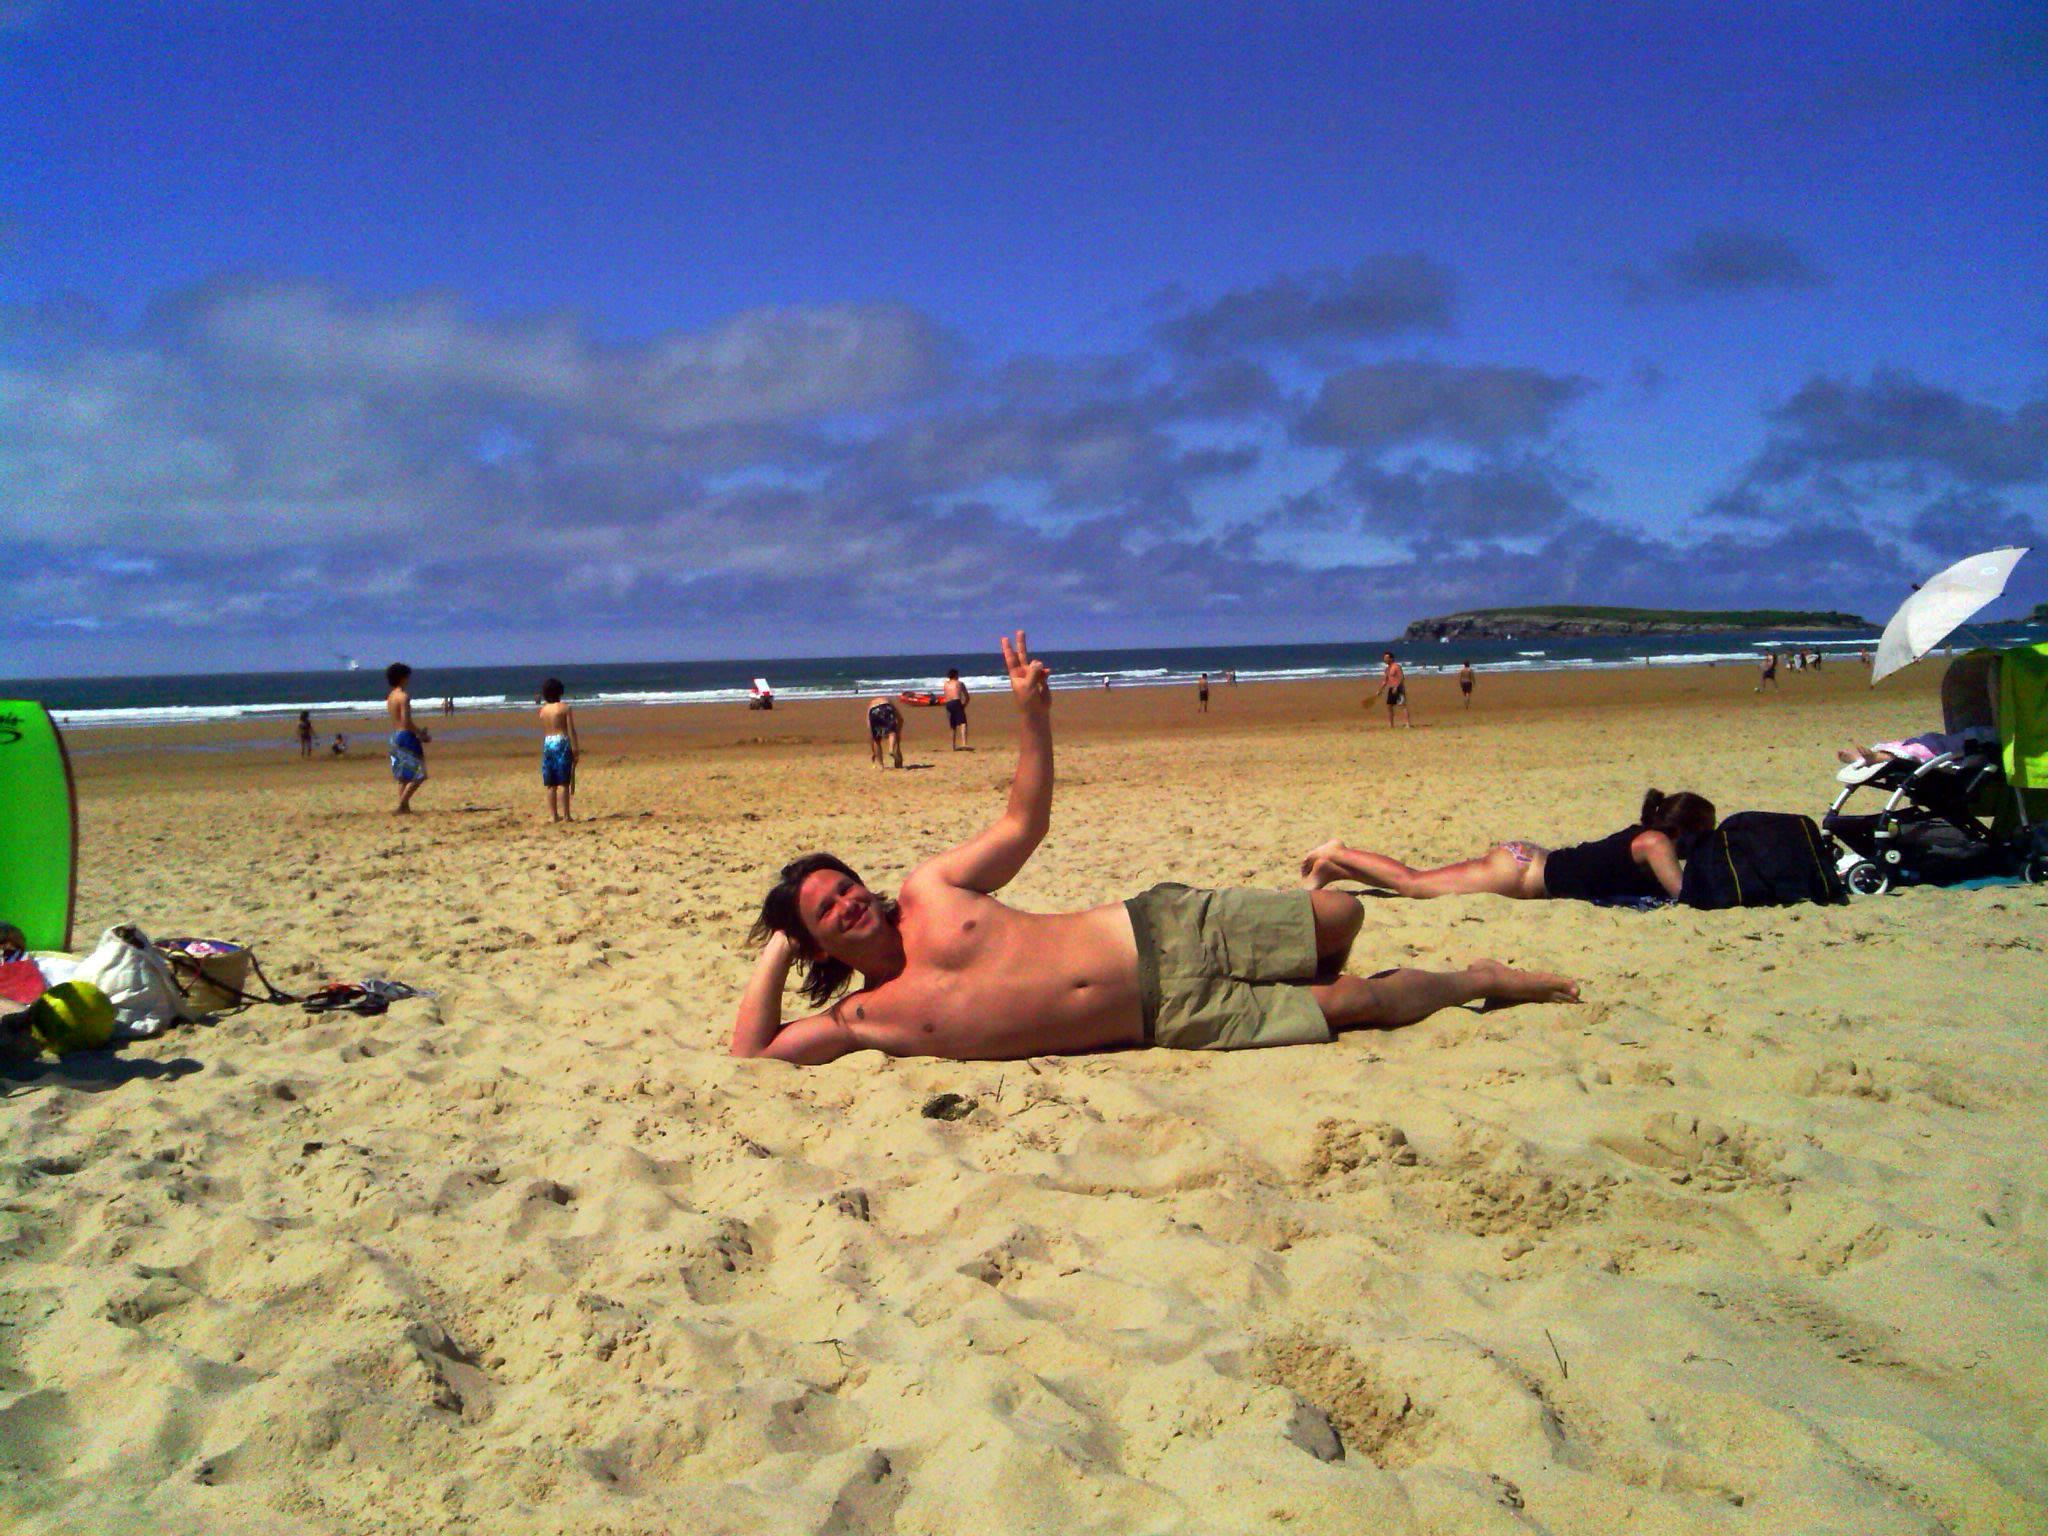 Este soy yo. Pero en otra playa de Cantabria.